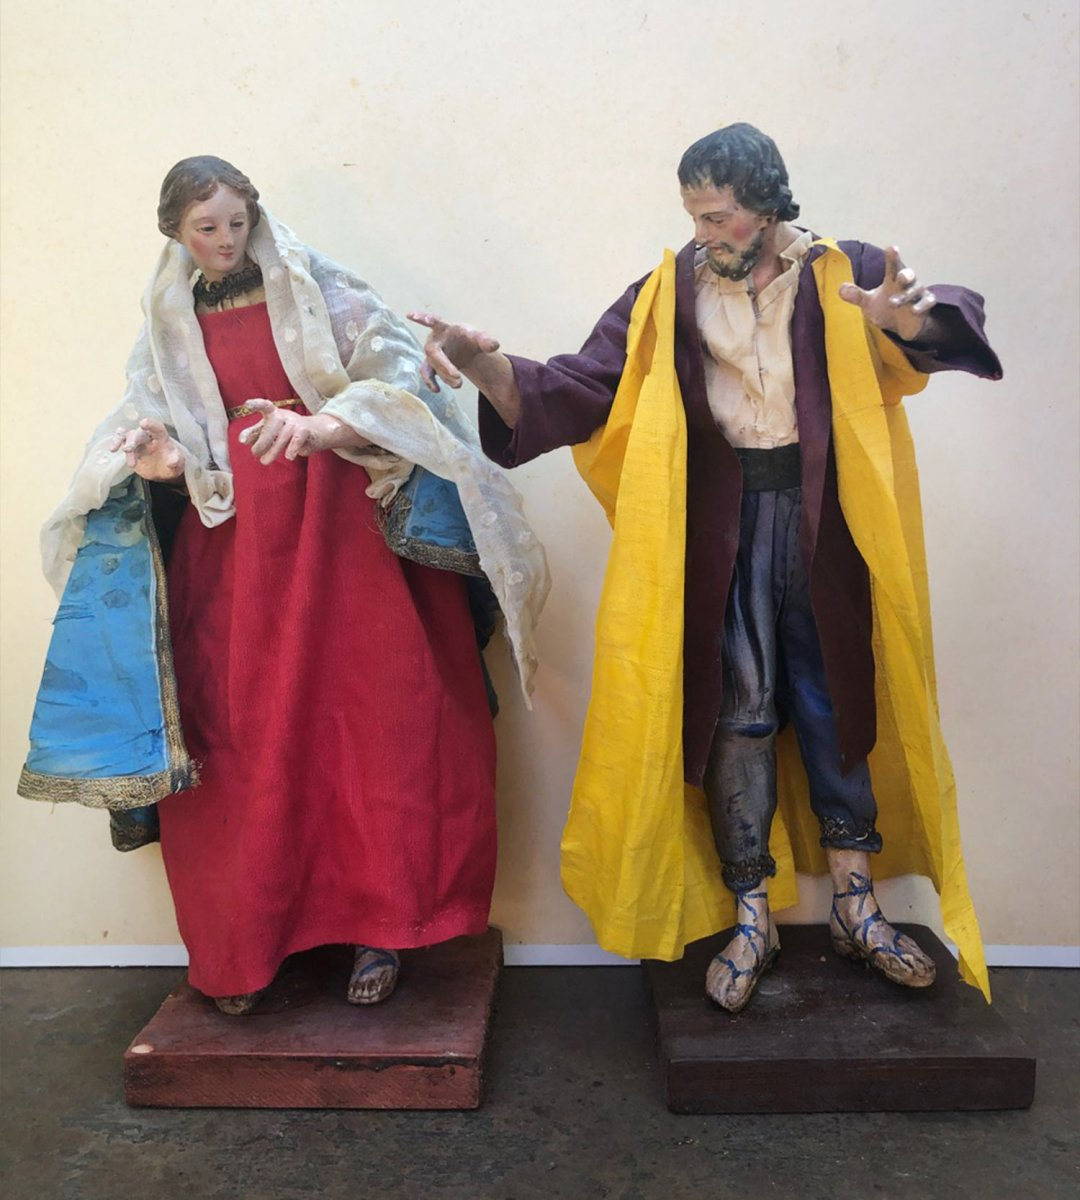 Joseph Et Marie : Couple De Personnages De Crèche Napolitaine, 18eme ,